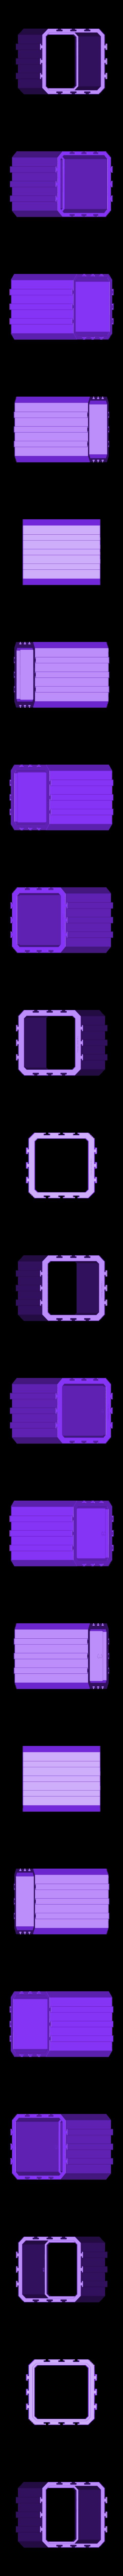 Interlocking_Module.stl Télécharger fichier STL Tiroirs modulaires 2.0 • Modèle pour imprimante 3D, O3D